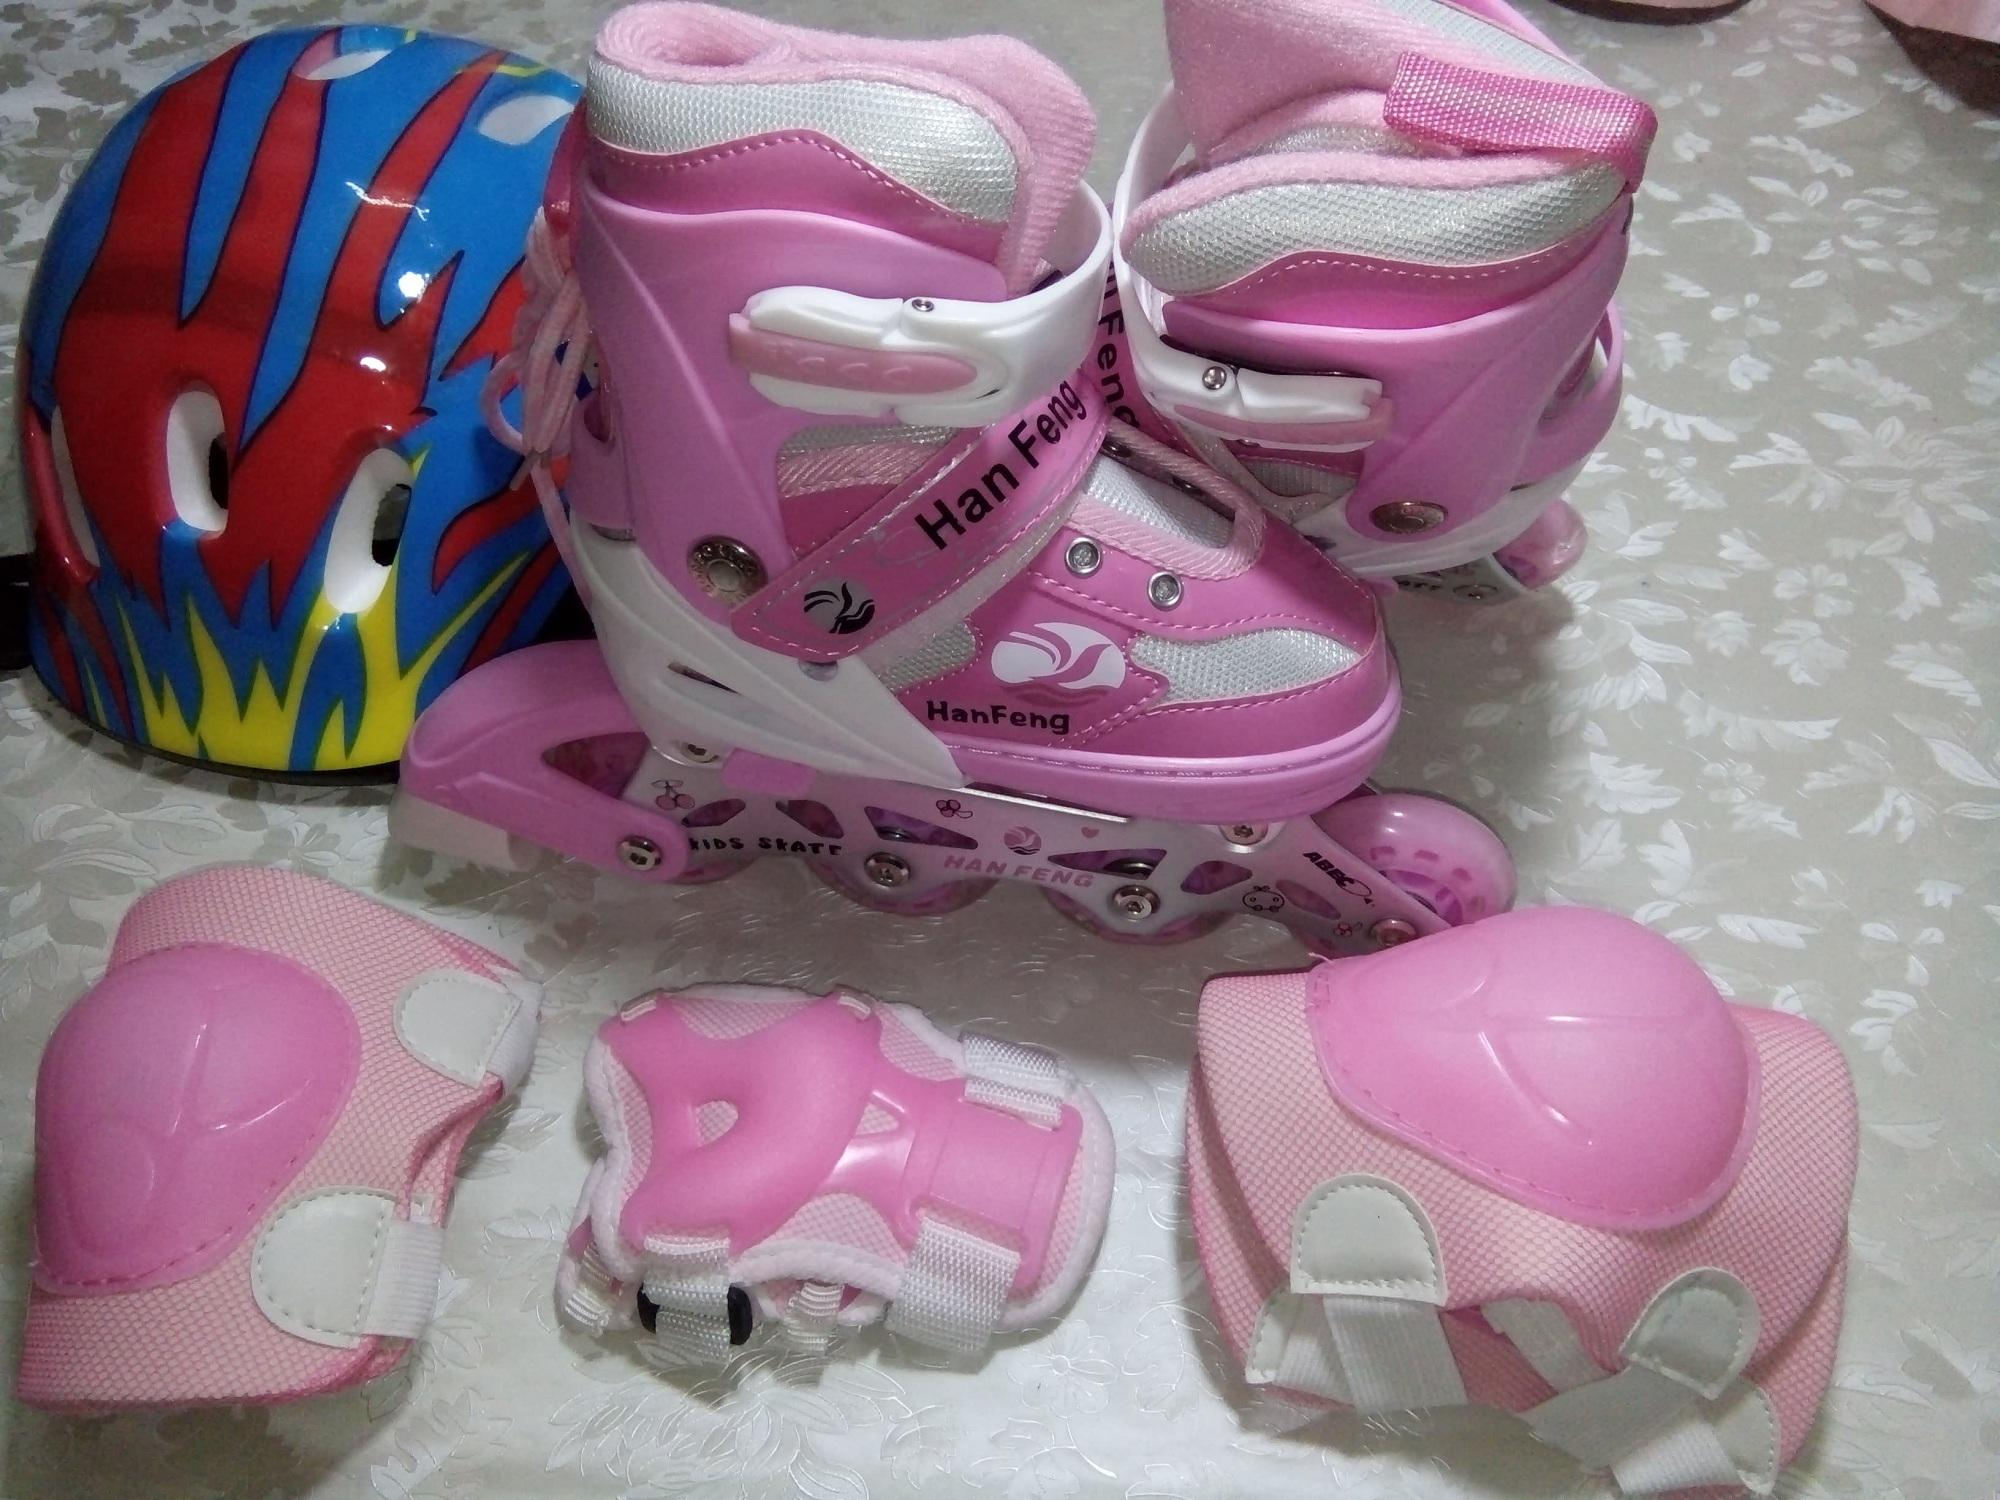 Giày trượt patin màu hồng size M (Từ 6-10 tuổi 35-38) có đèn led phát sáng ở bánh xe + Tặng bộ bảo hộ, nón bảo hiểm